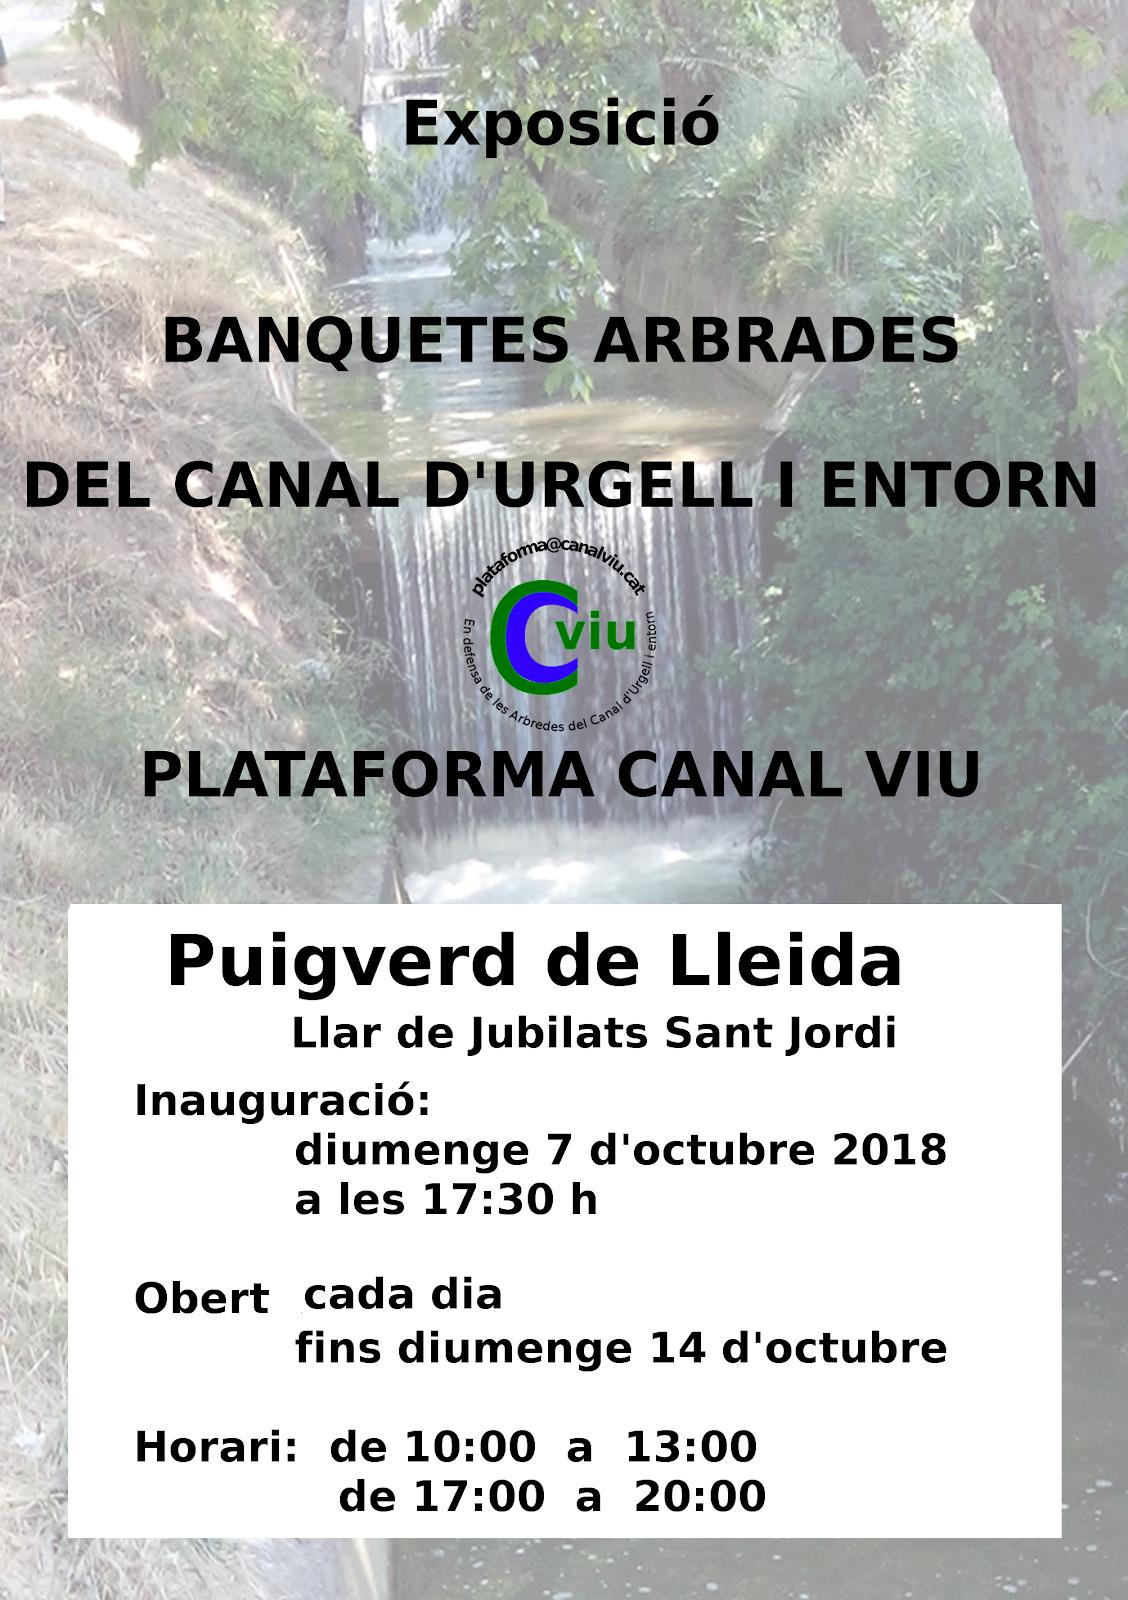 exposició Banquetes Arbrades a Puigverd